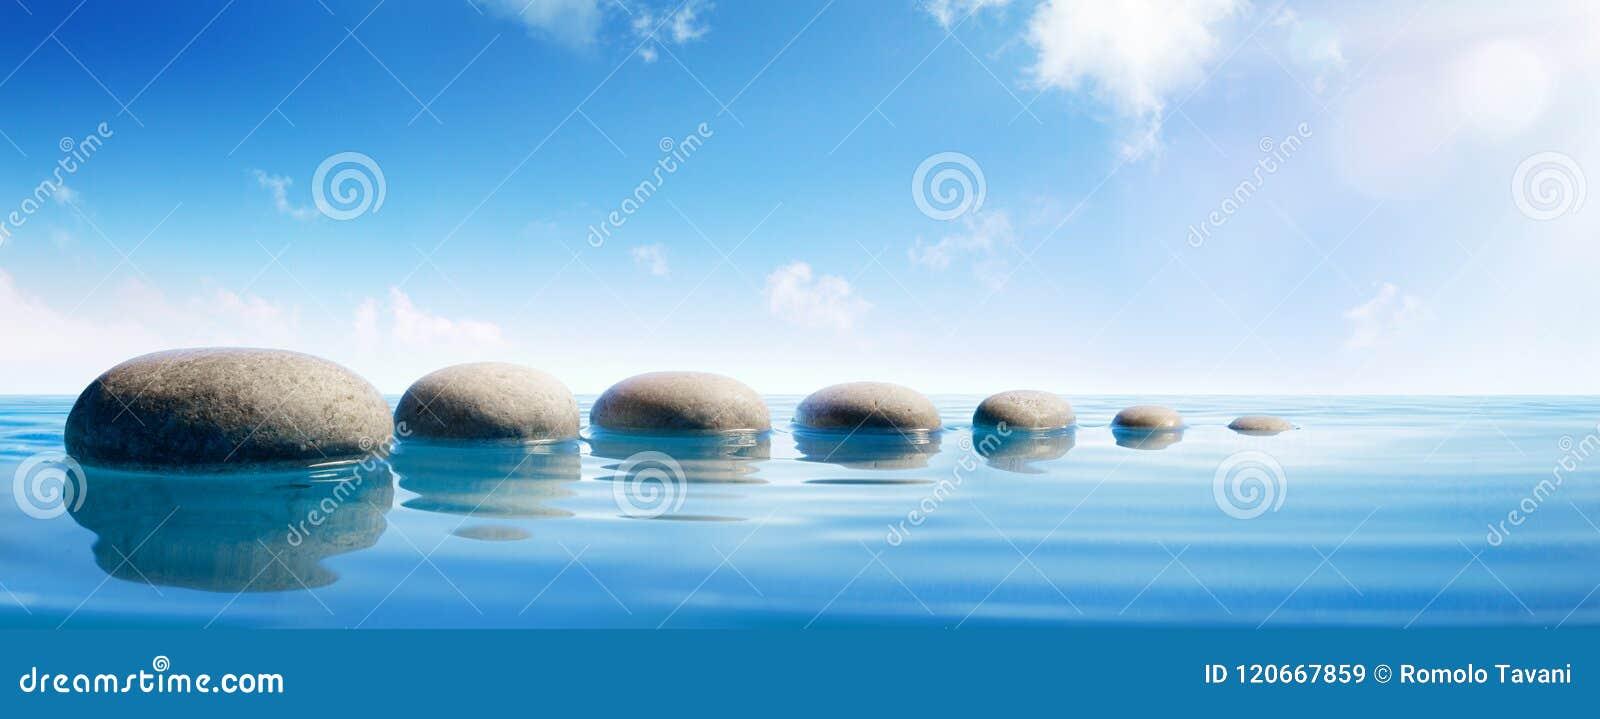 Schritt Steine Im Blauen Wasser Stockbild Bild Von Steine